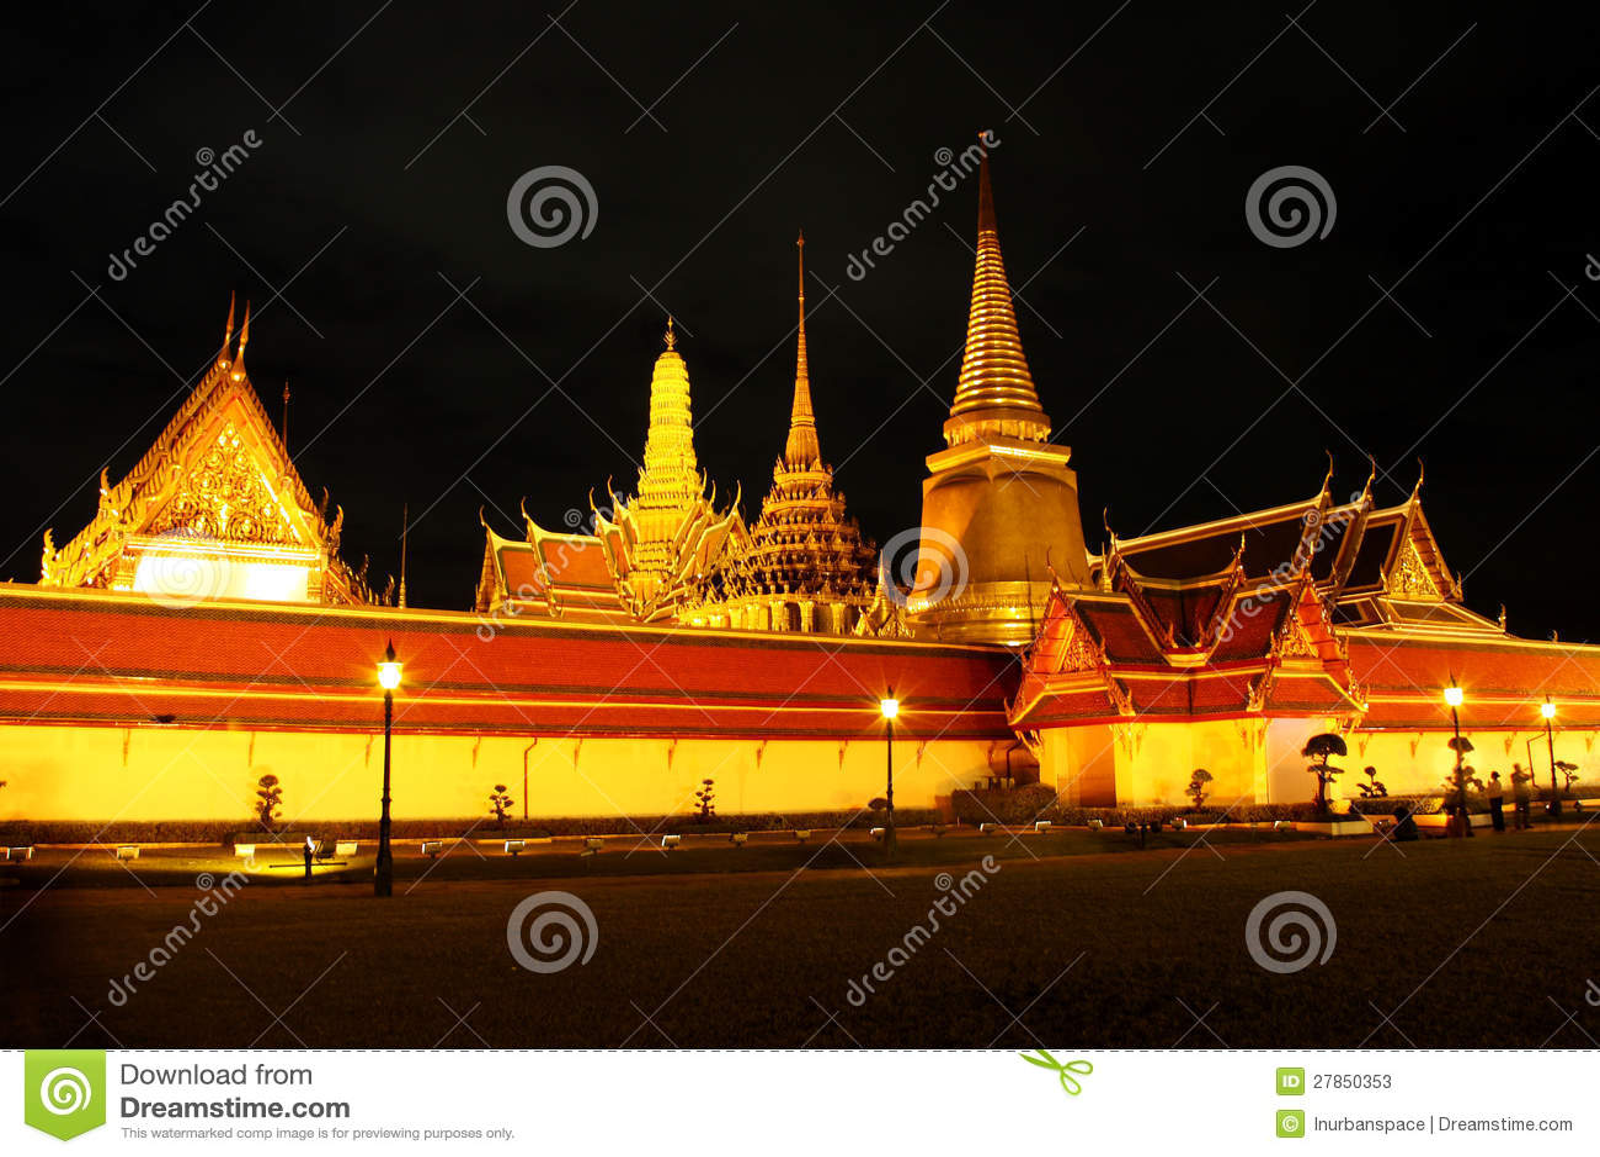 Przy Bangkok królewska świątynia, Tajlandia.